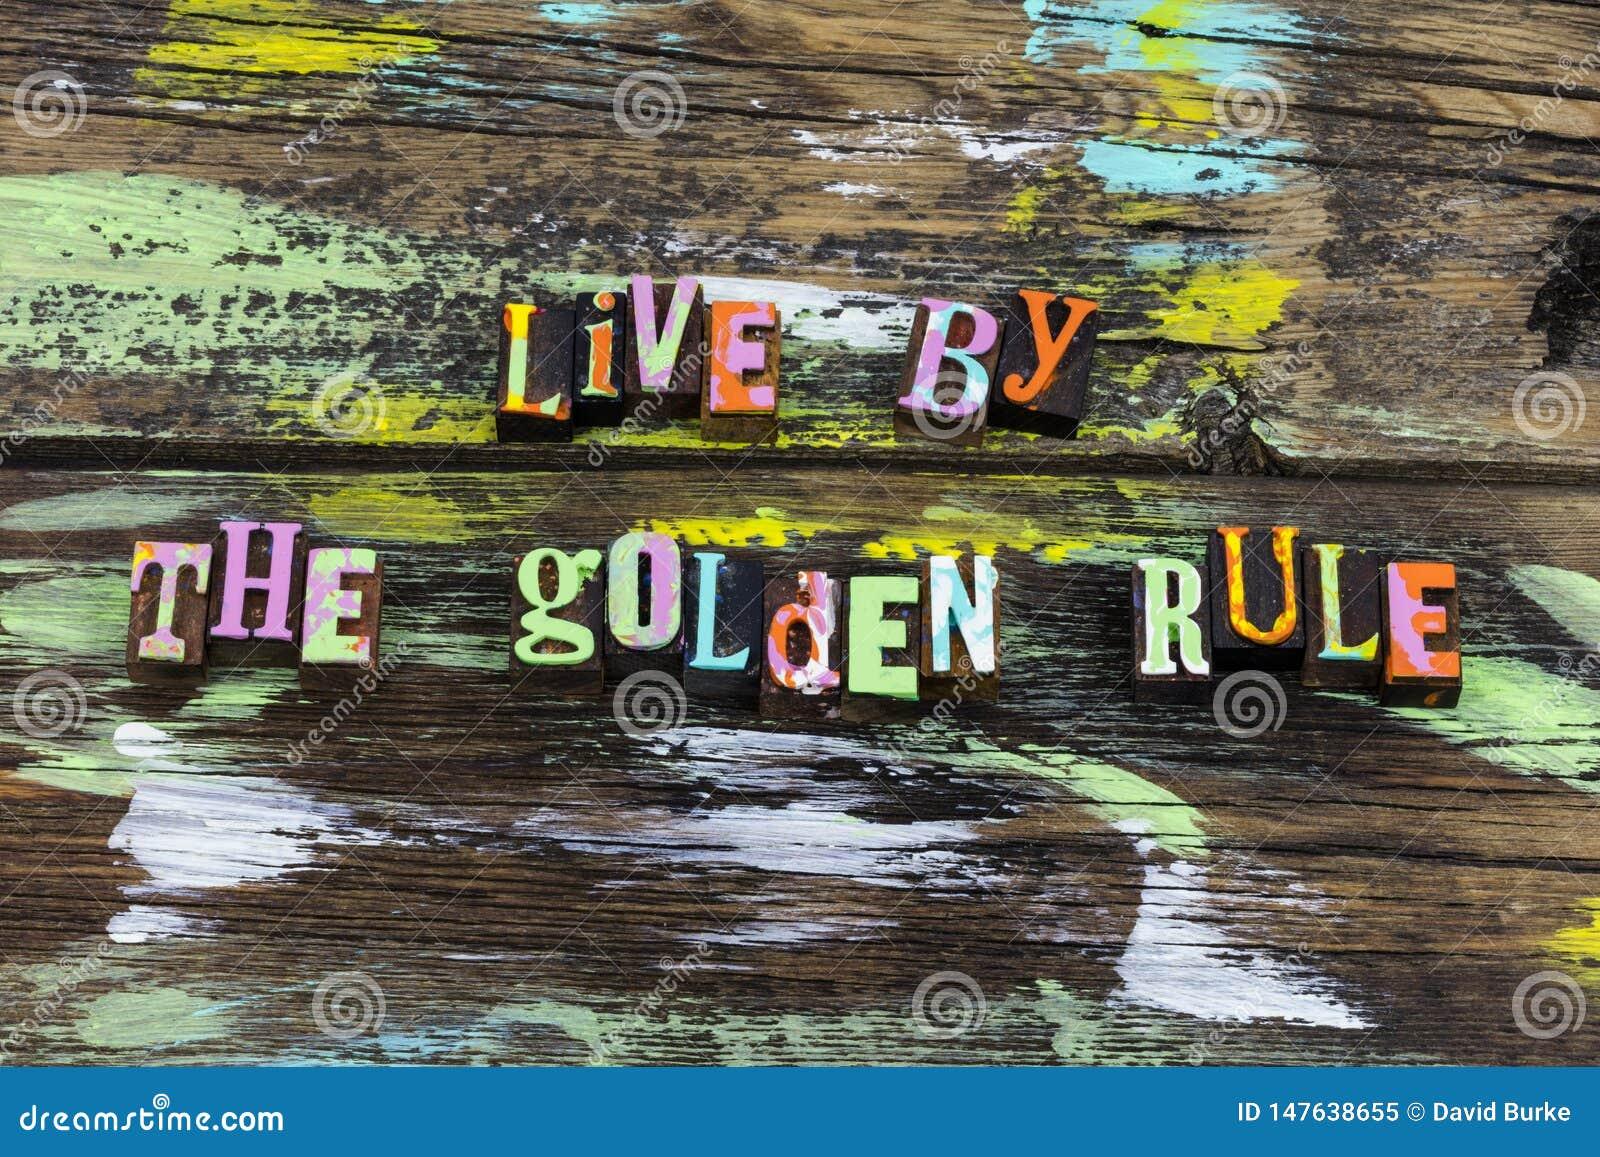 Integridade viva da vida da honestidade da ajuda do amor do respeito da regra de ouro